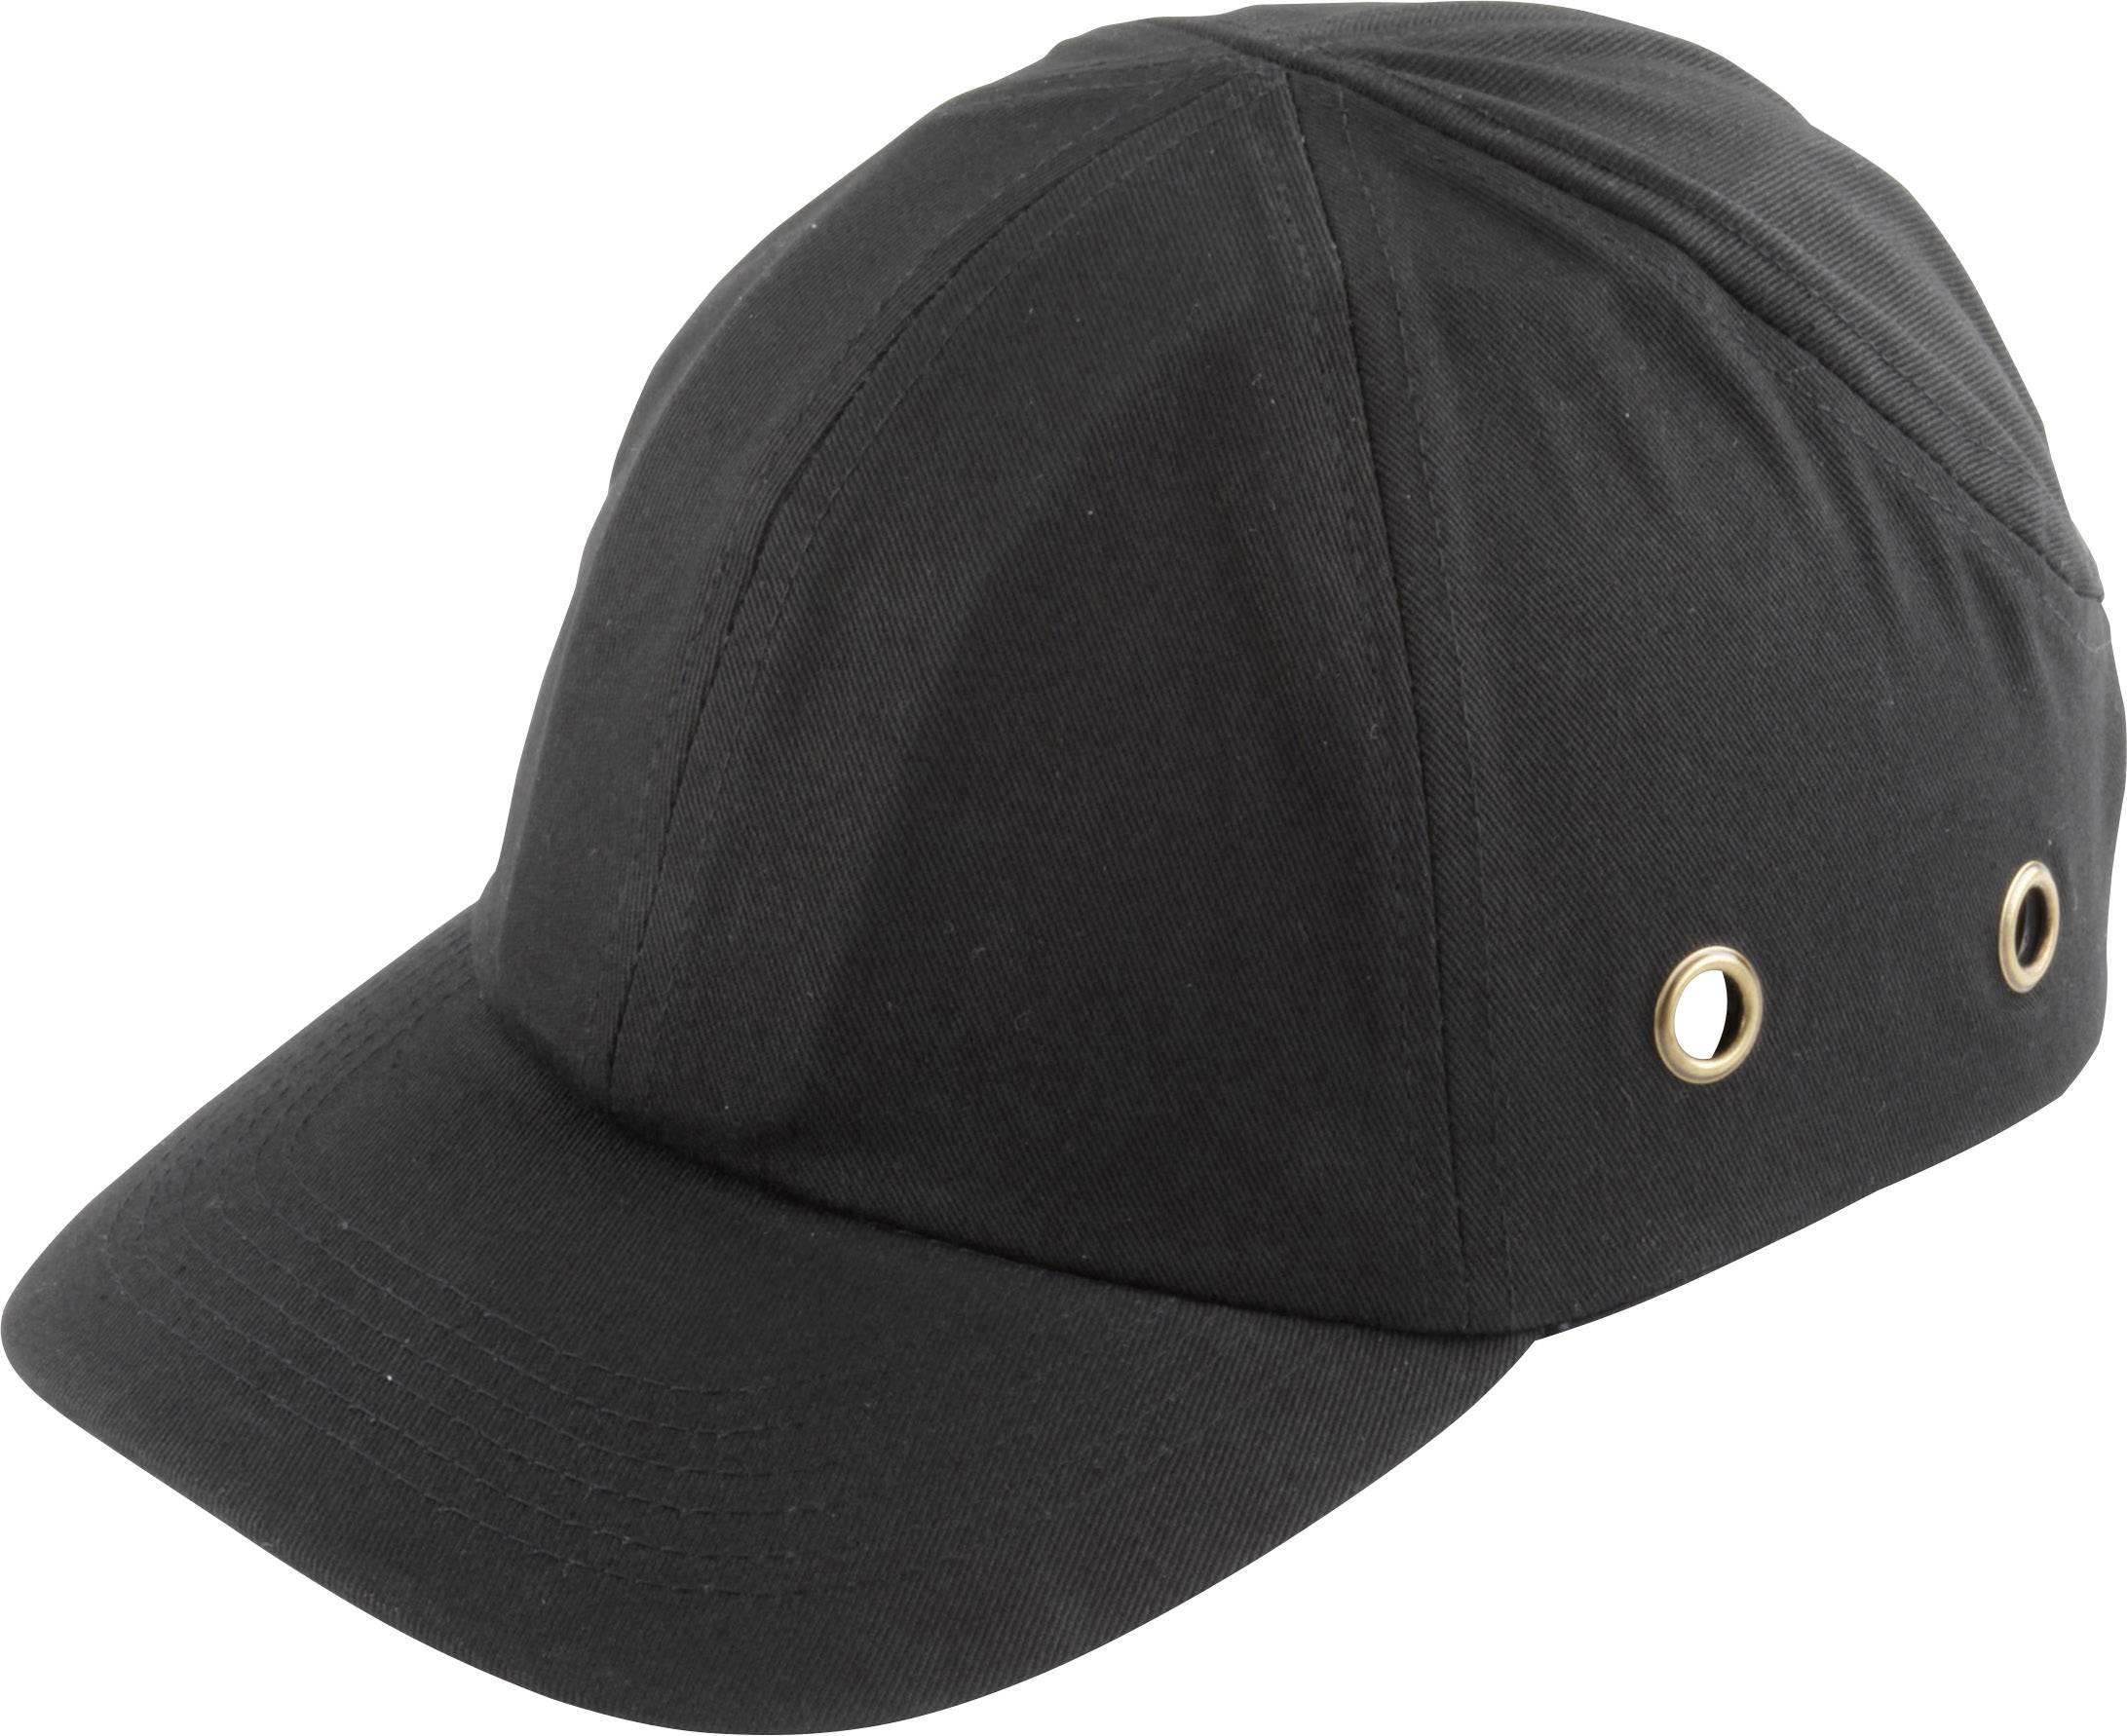 Pracovní čepice s kšiltem Wolfcraft 4858000, černá